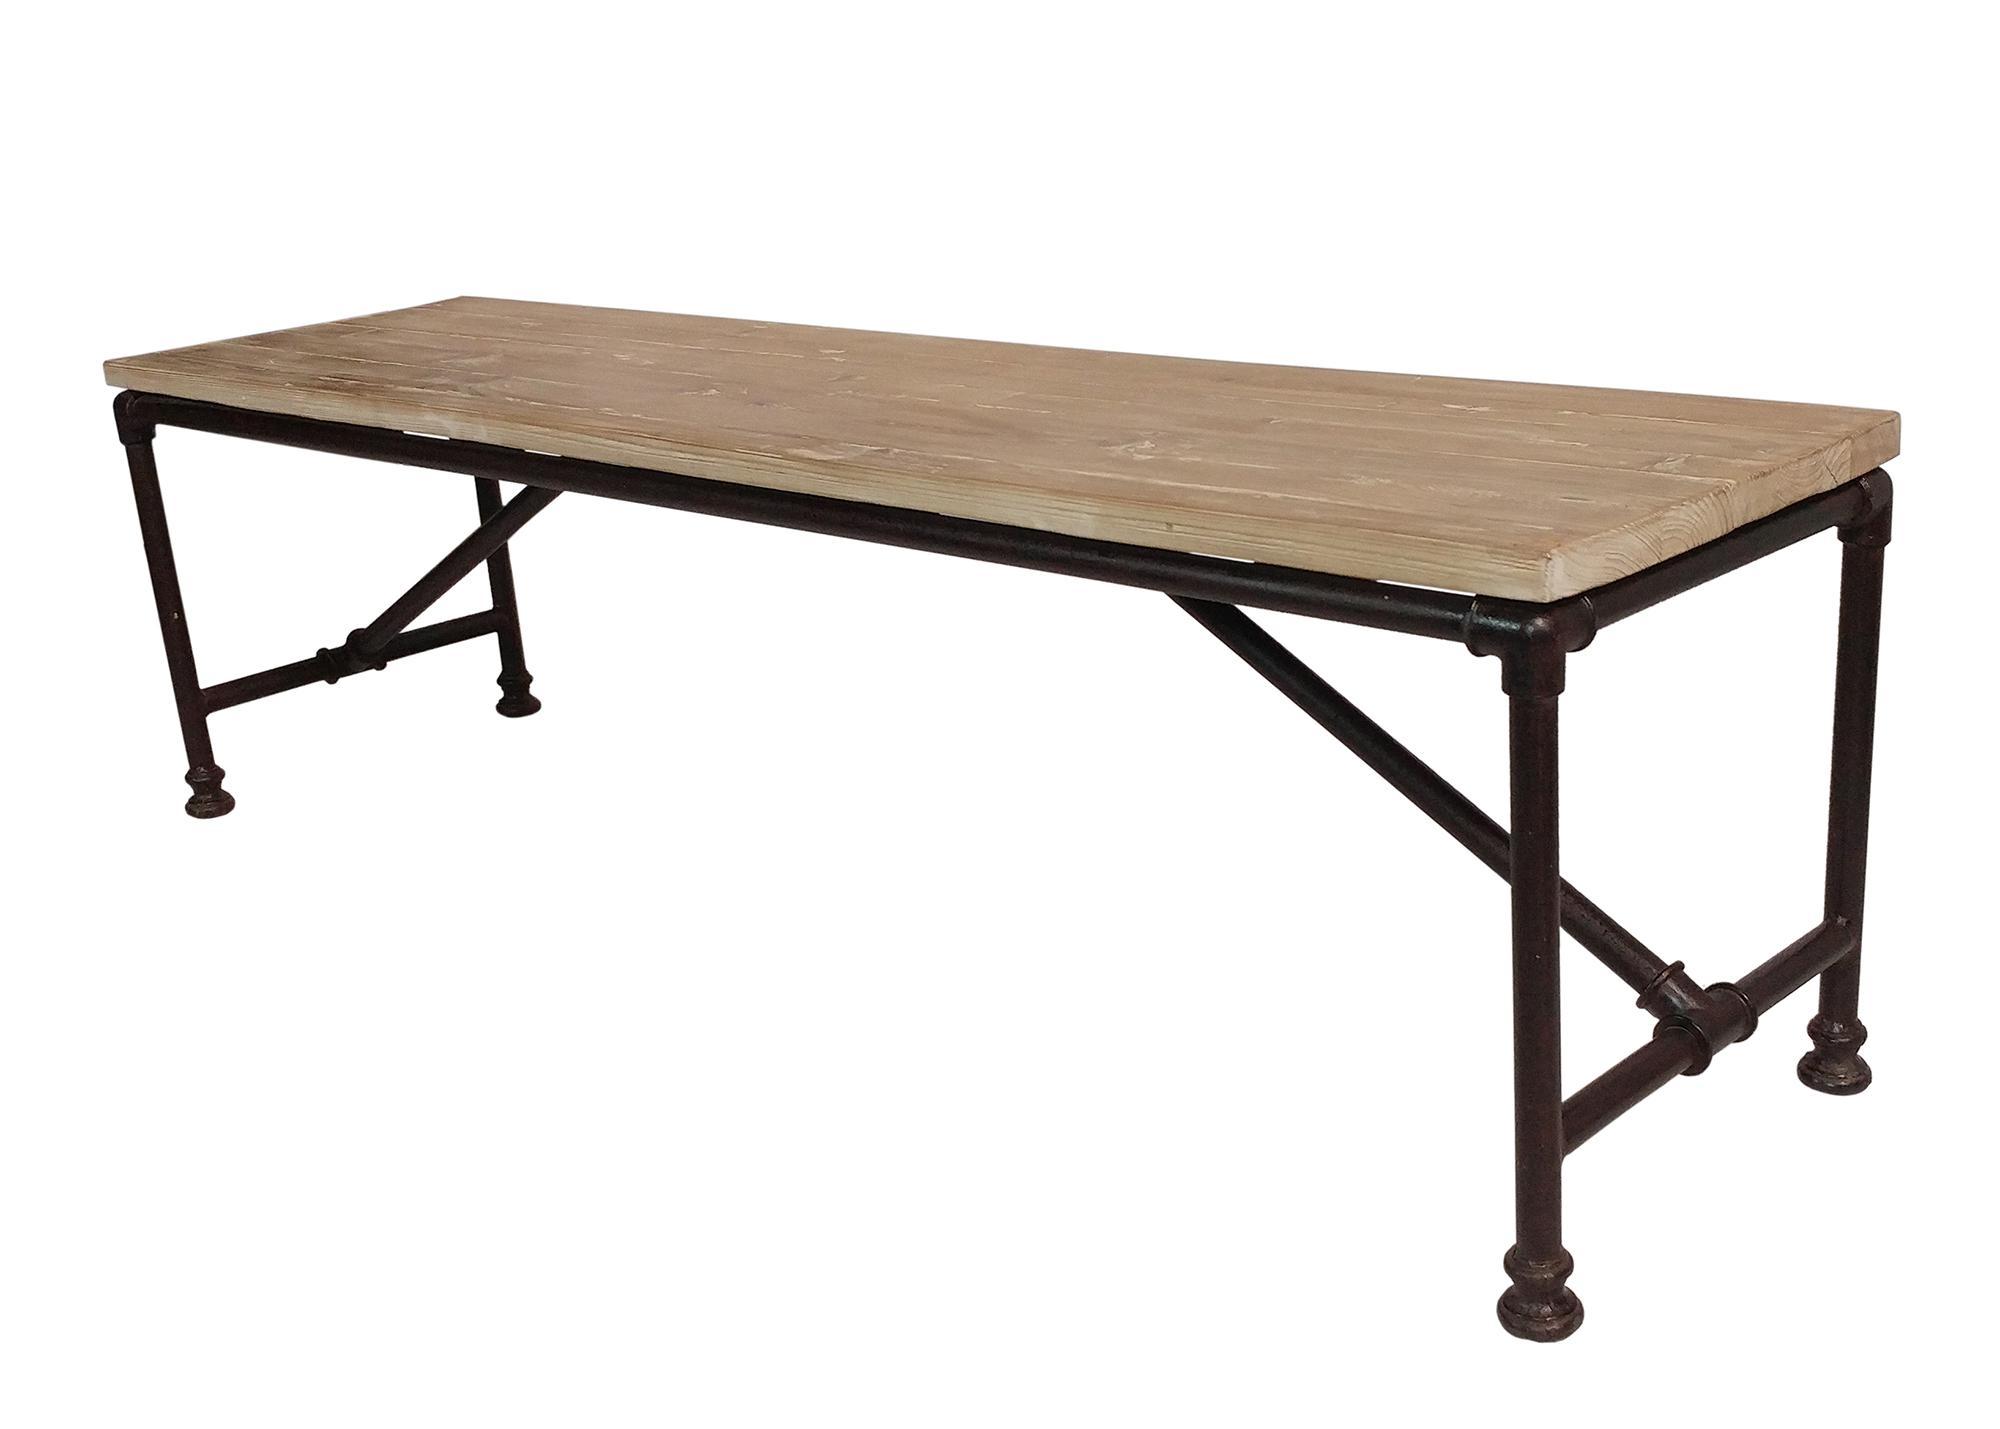 Reclaimed Wood Coffee Table W/ Metal Pipe Legs